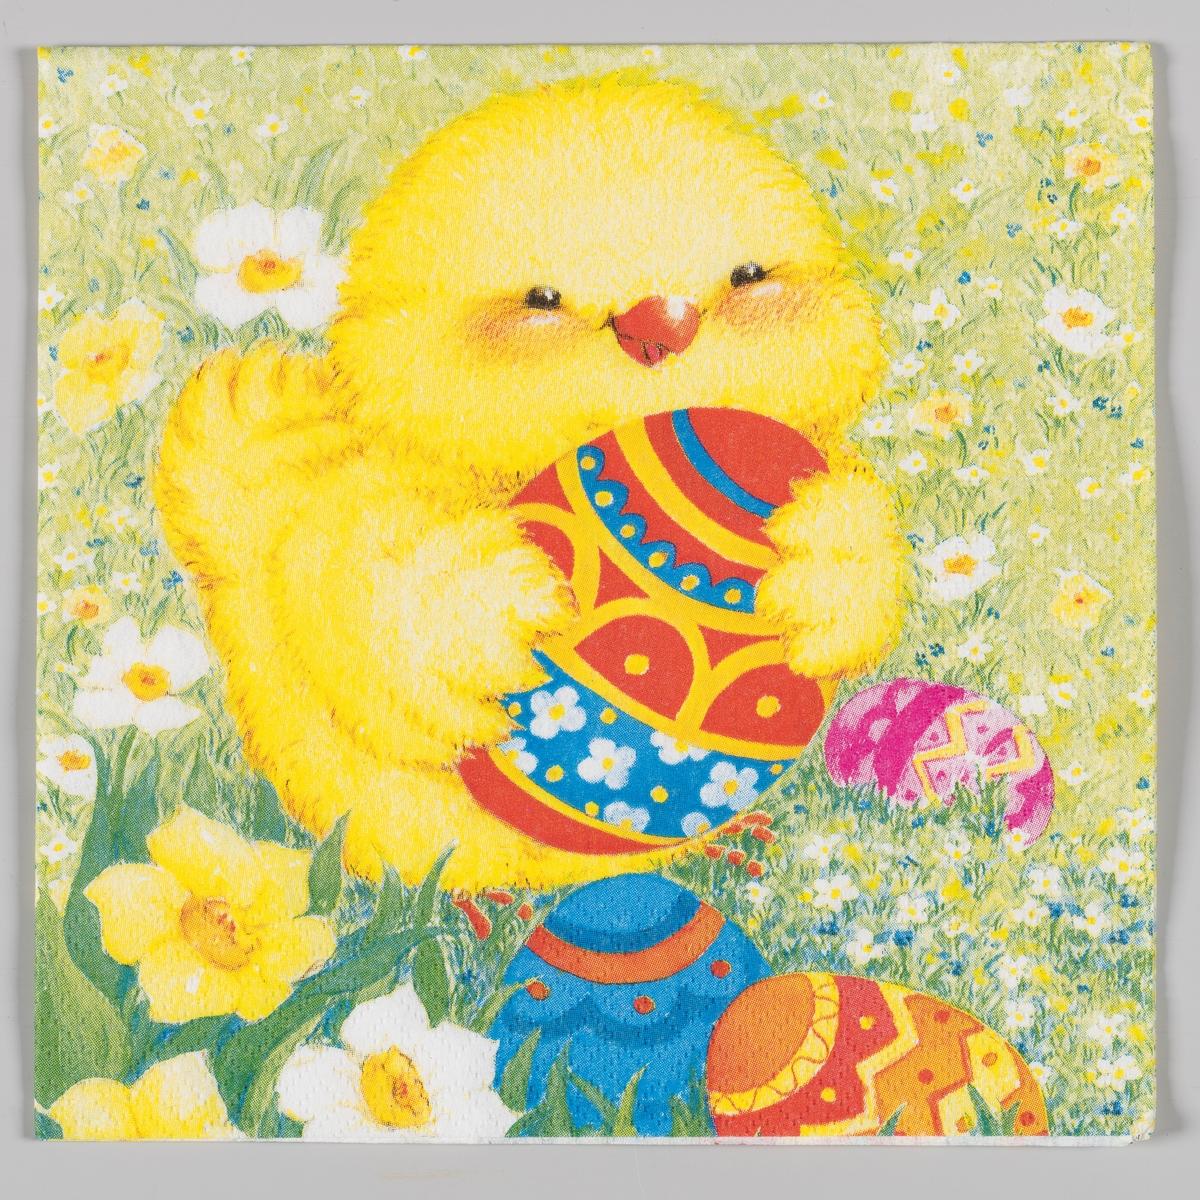 En kylling holder et dekorert påskeegg med vingene sine. Dekorerte påskeegg, påskeliljer og hvite og blå blomster i gresset rundt kyllingen.